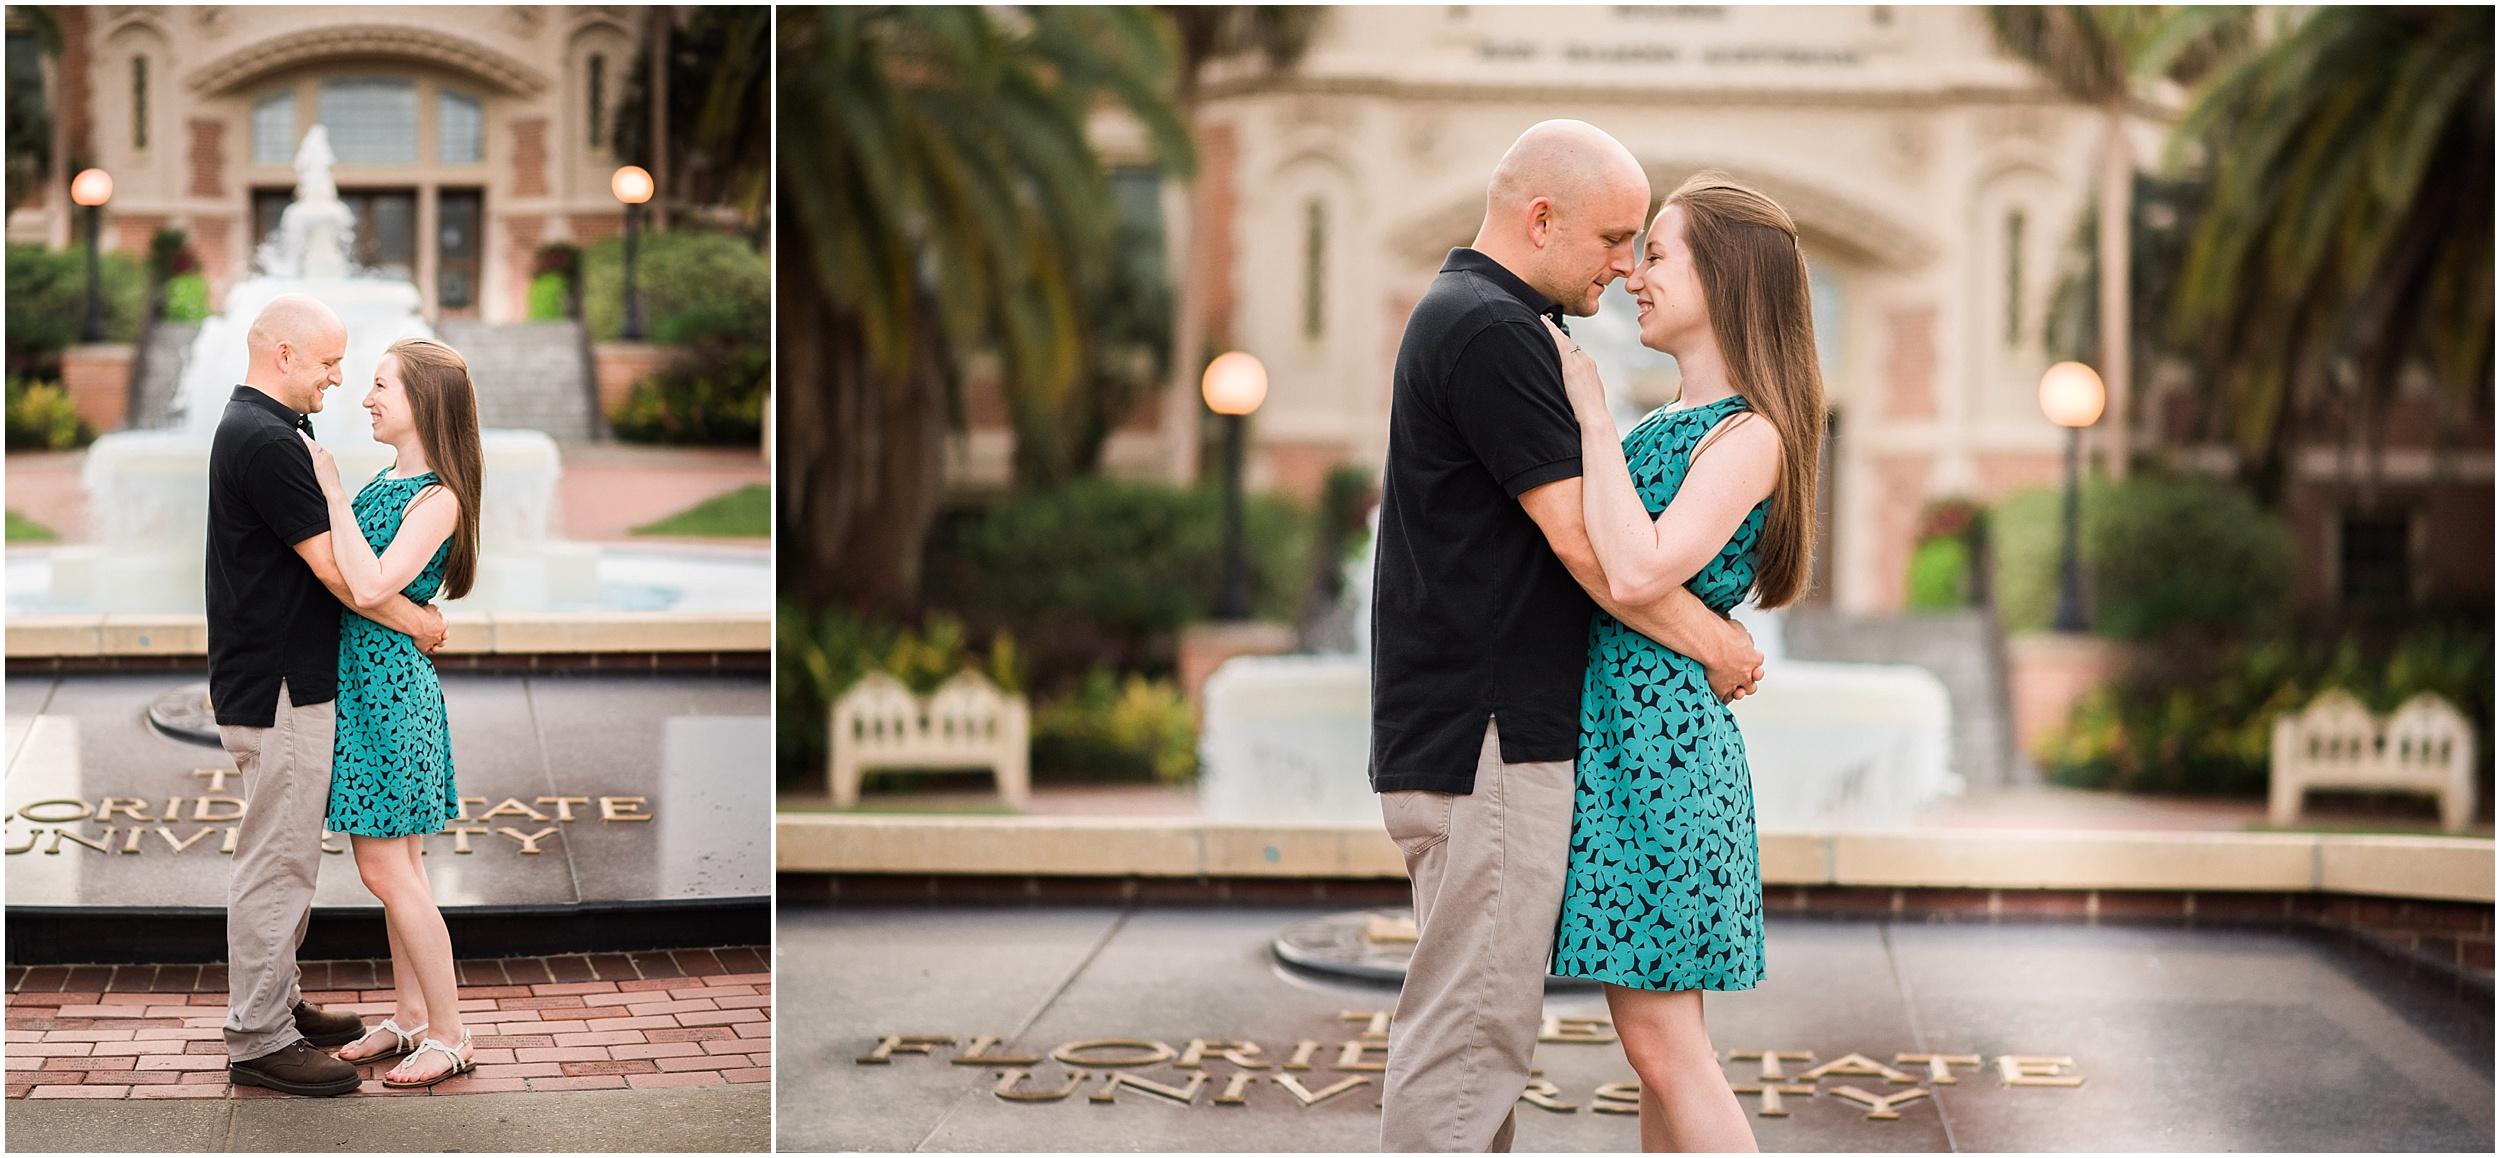 Karen & David Engagement, Florida State University_0003.jpg